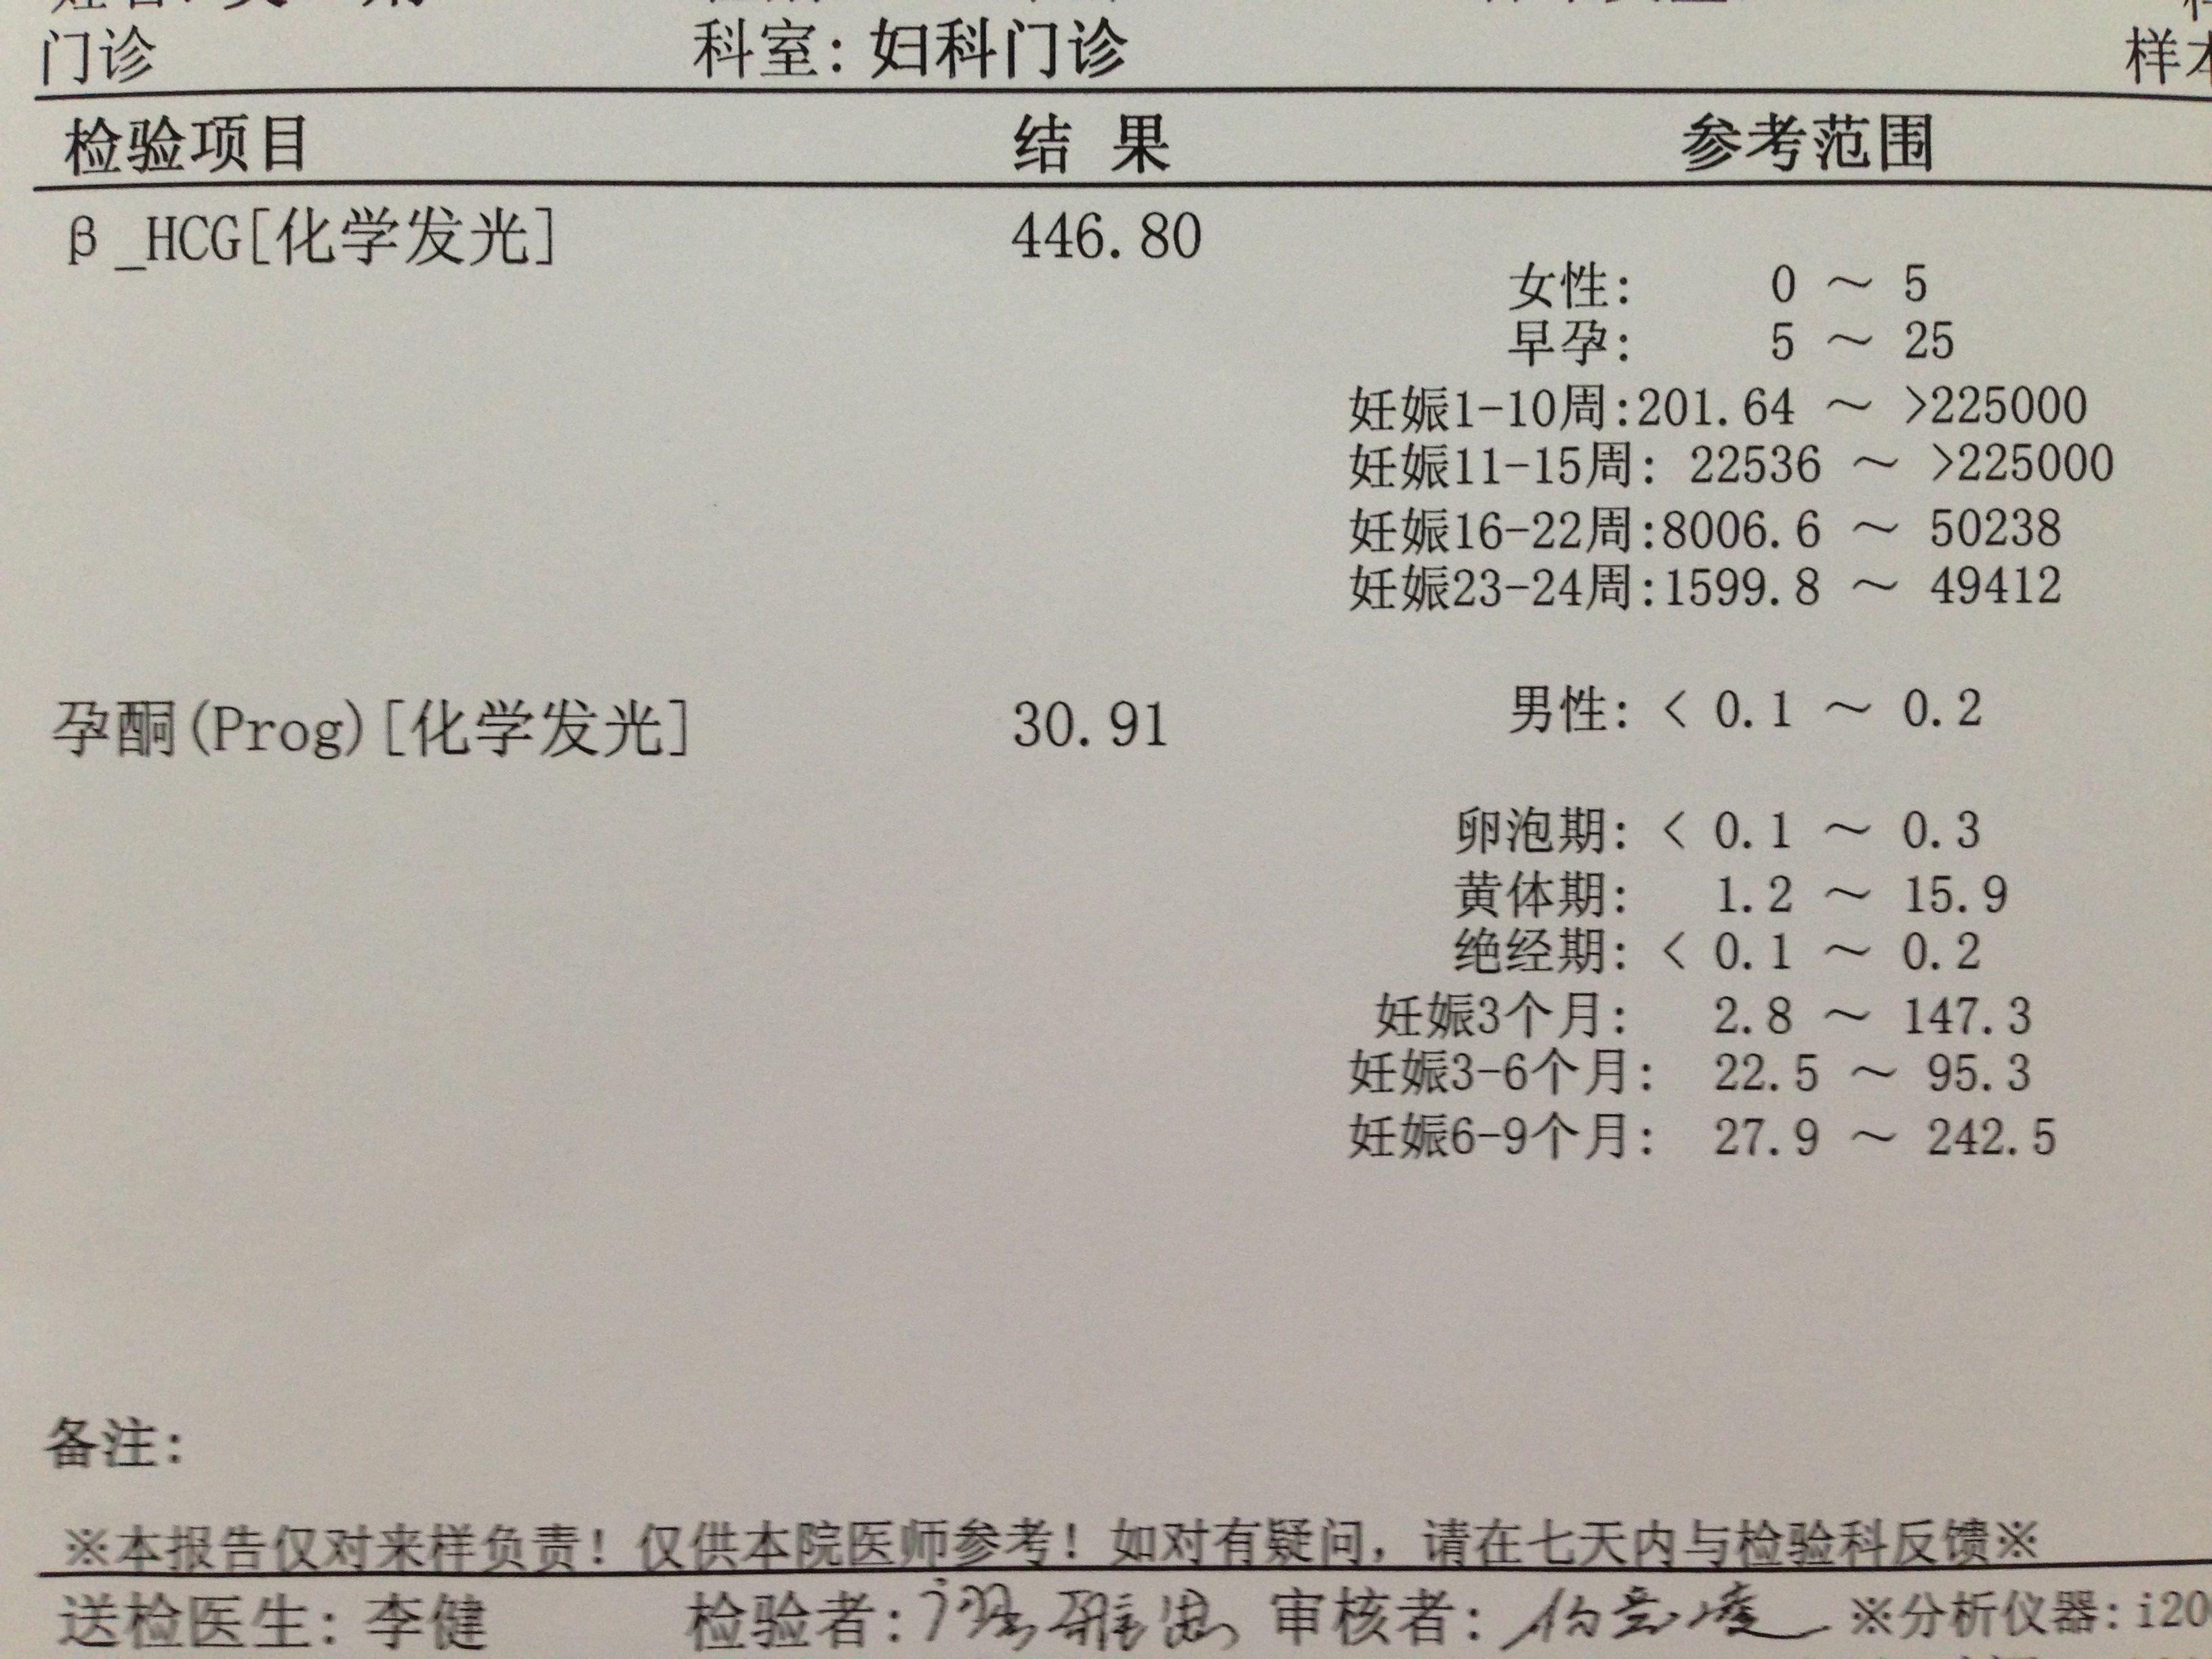 超检查报告单_怀孕14周胎儿b超图_怀孕7周孕囊b超 ...